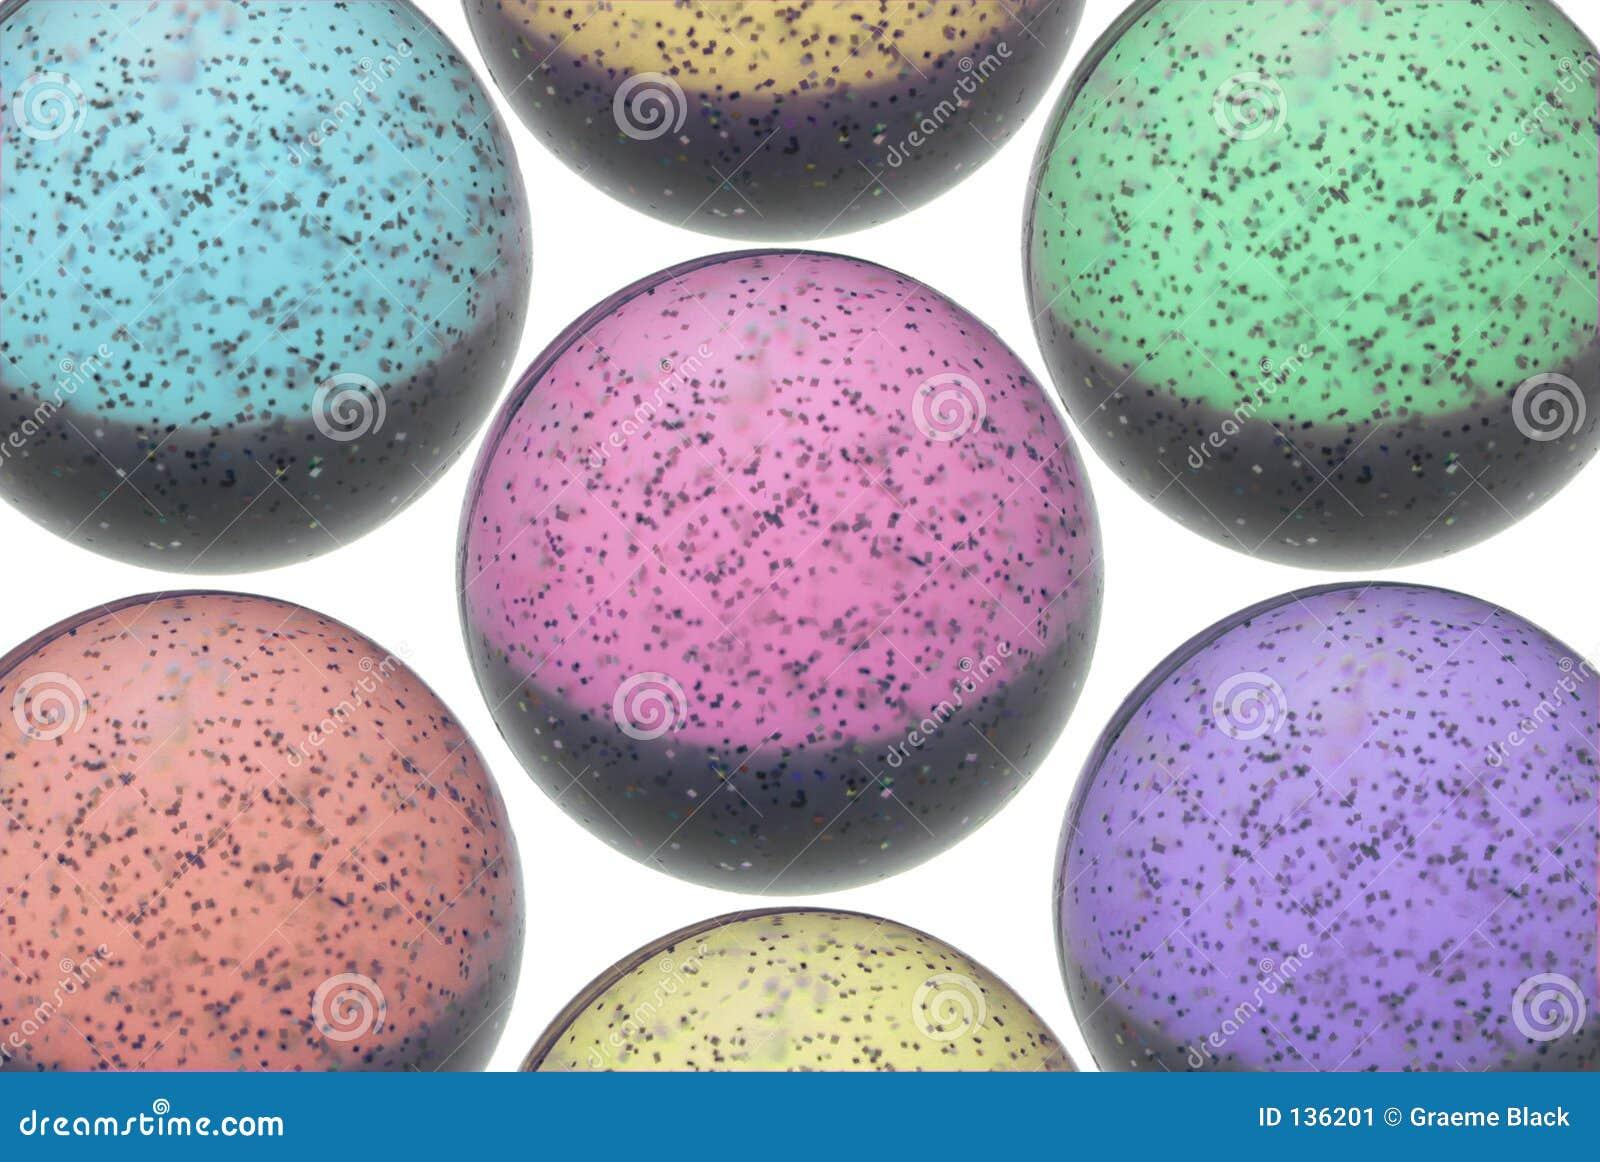 Kolorowe jaja